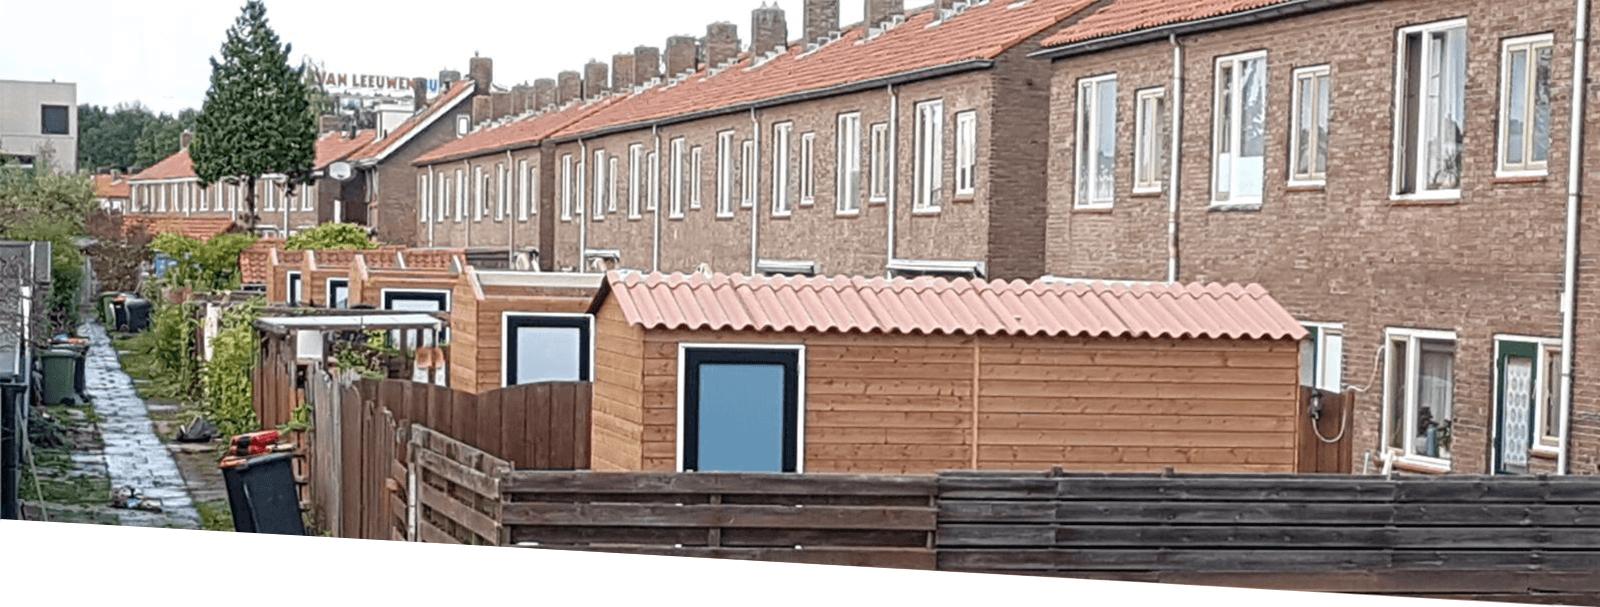 Houtrib Bouw - Aannemer voor bouw, verbouw en renovatie